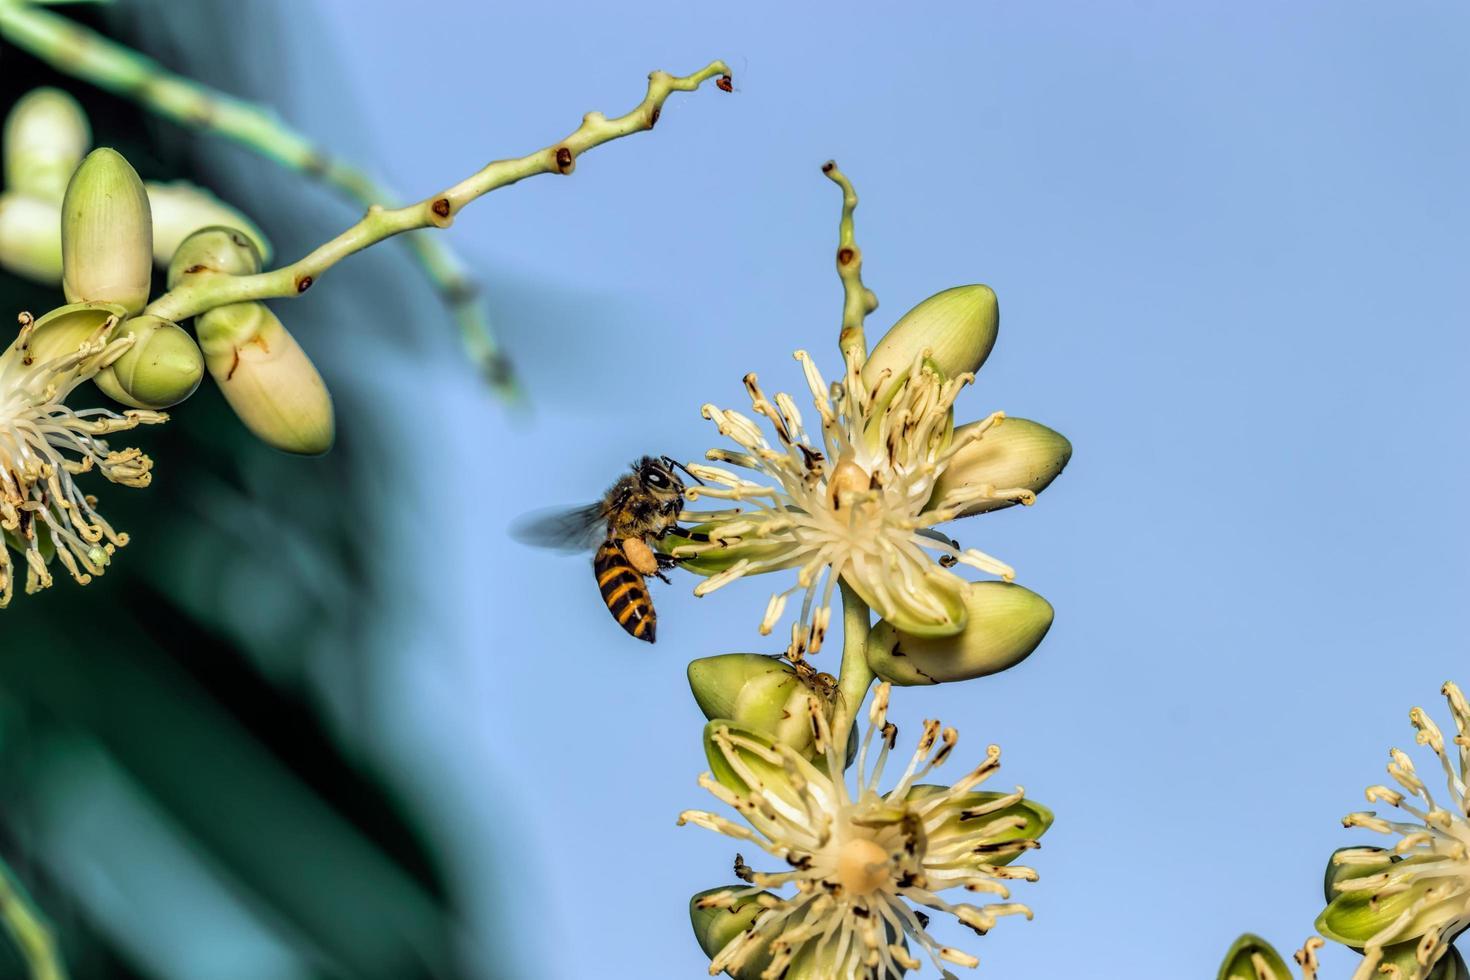 les fleurs de palmier fleurissent et les abeilles sont envahies photo